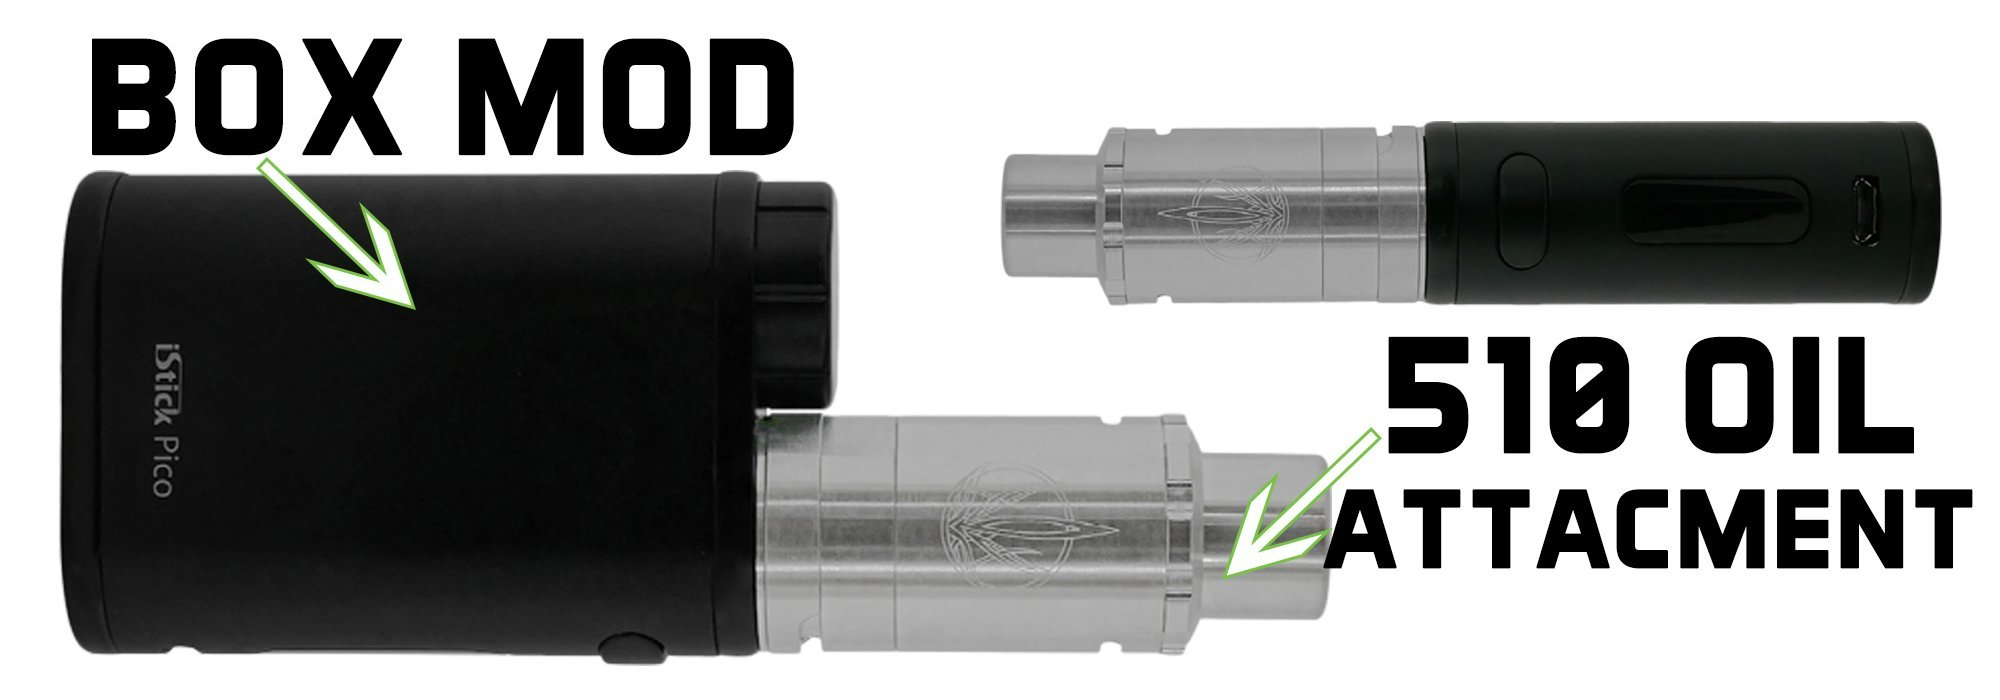 Box mod and 510 oil attachment